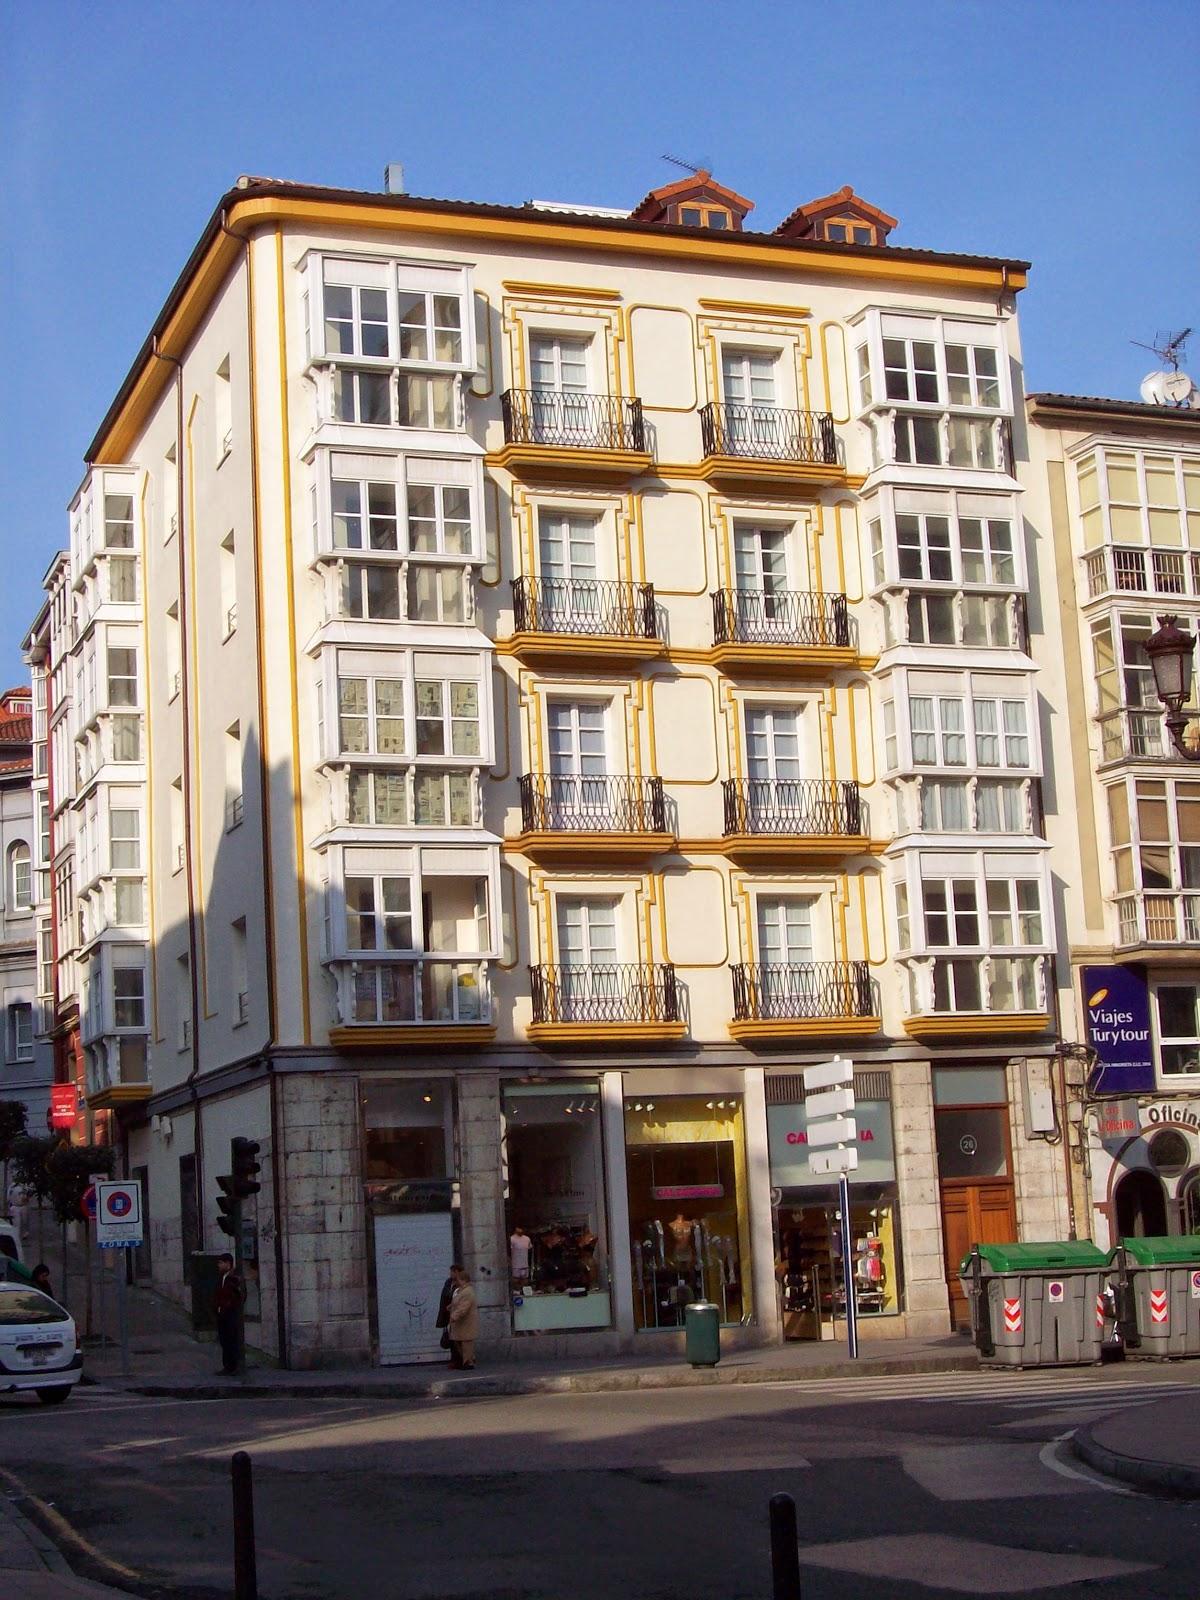 Escenas de santander casas singulares xi - Casas singulares madrid ...